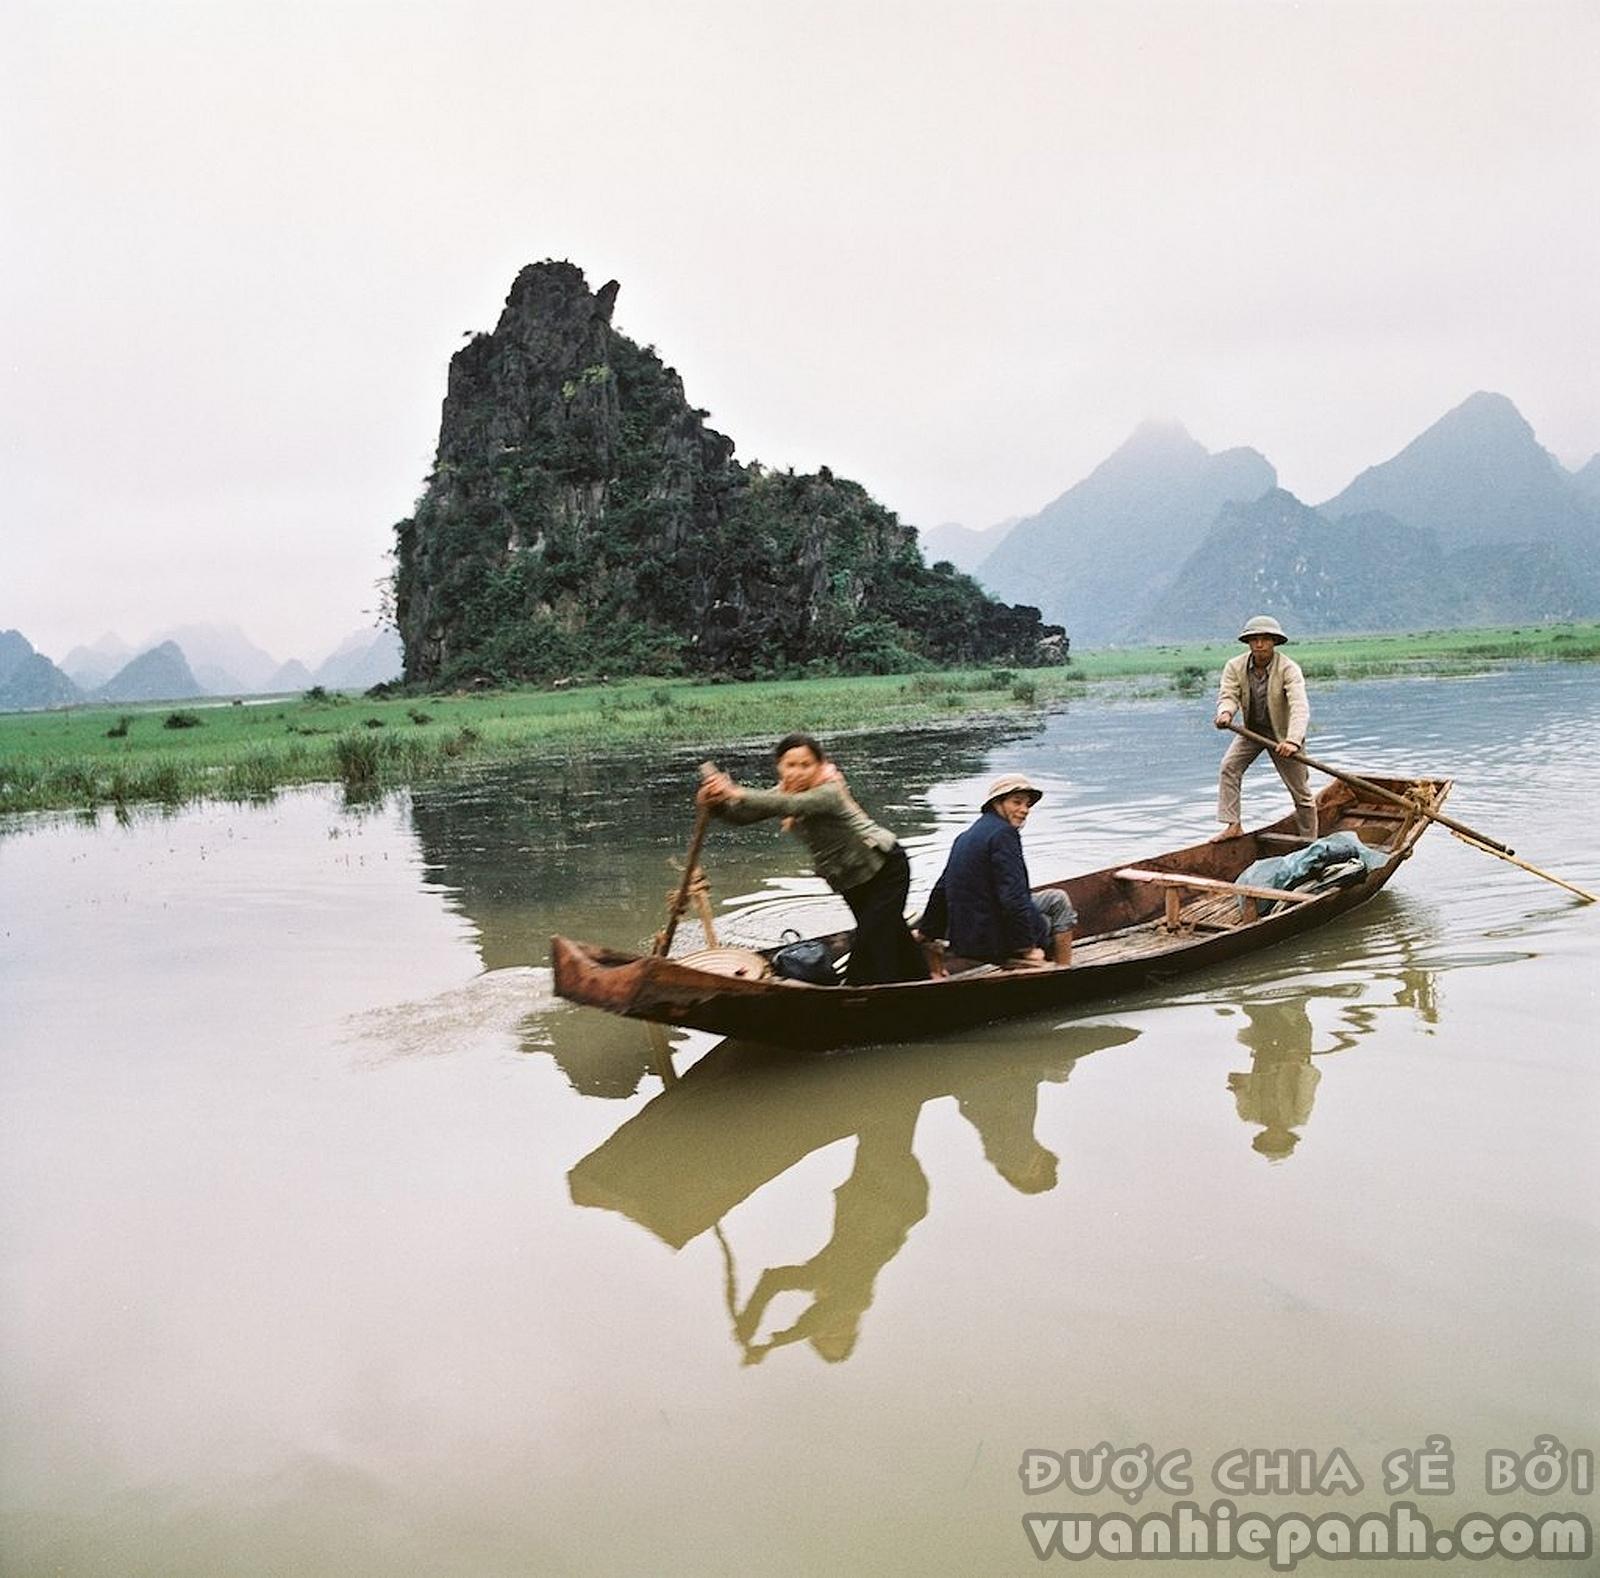 Suối Yến đẫn đến chùa Hương , huyện Mỹ Đức, Hà Tây (nay là Hà Nội). Ảnh: Thomas Billhardt